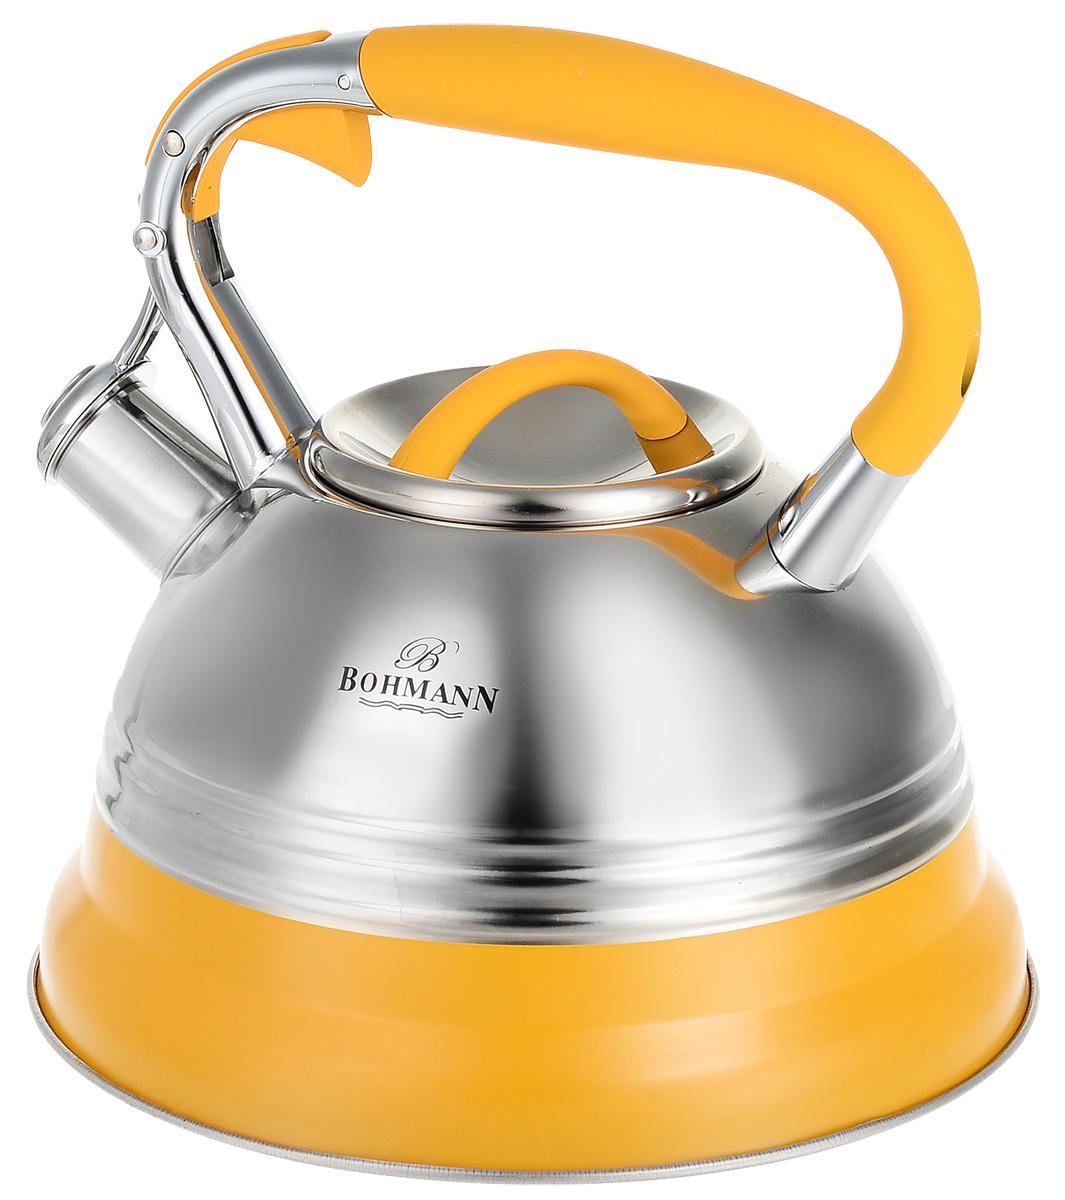 Чайник Bohmann, цвет: оранжевый, 3 л. 9921BH чайник 1 3 л птицы santafe чайник 1 3 л птицы